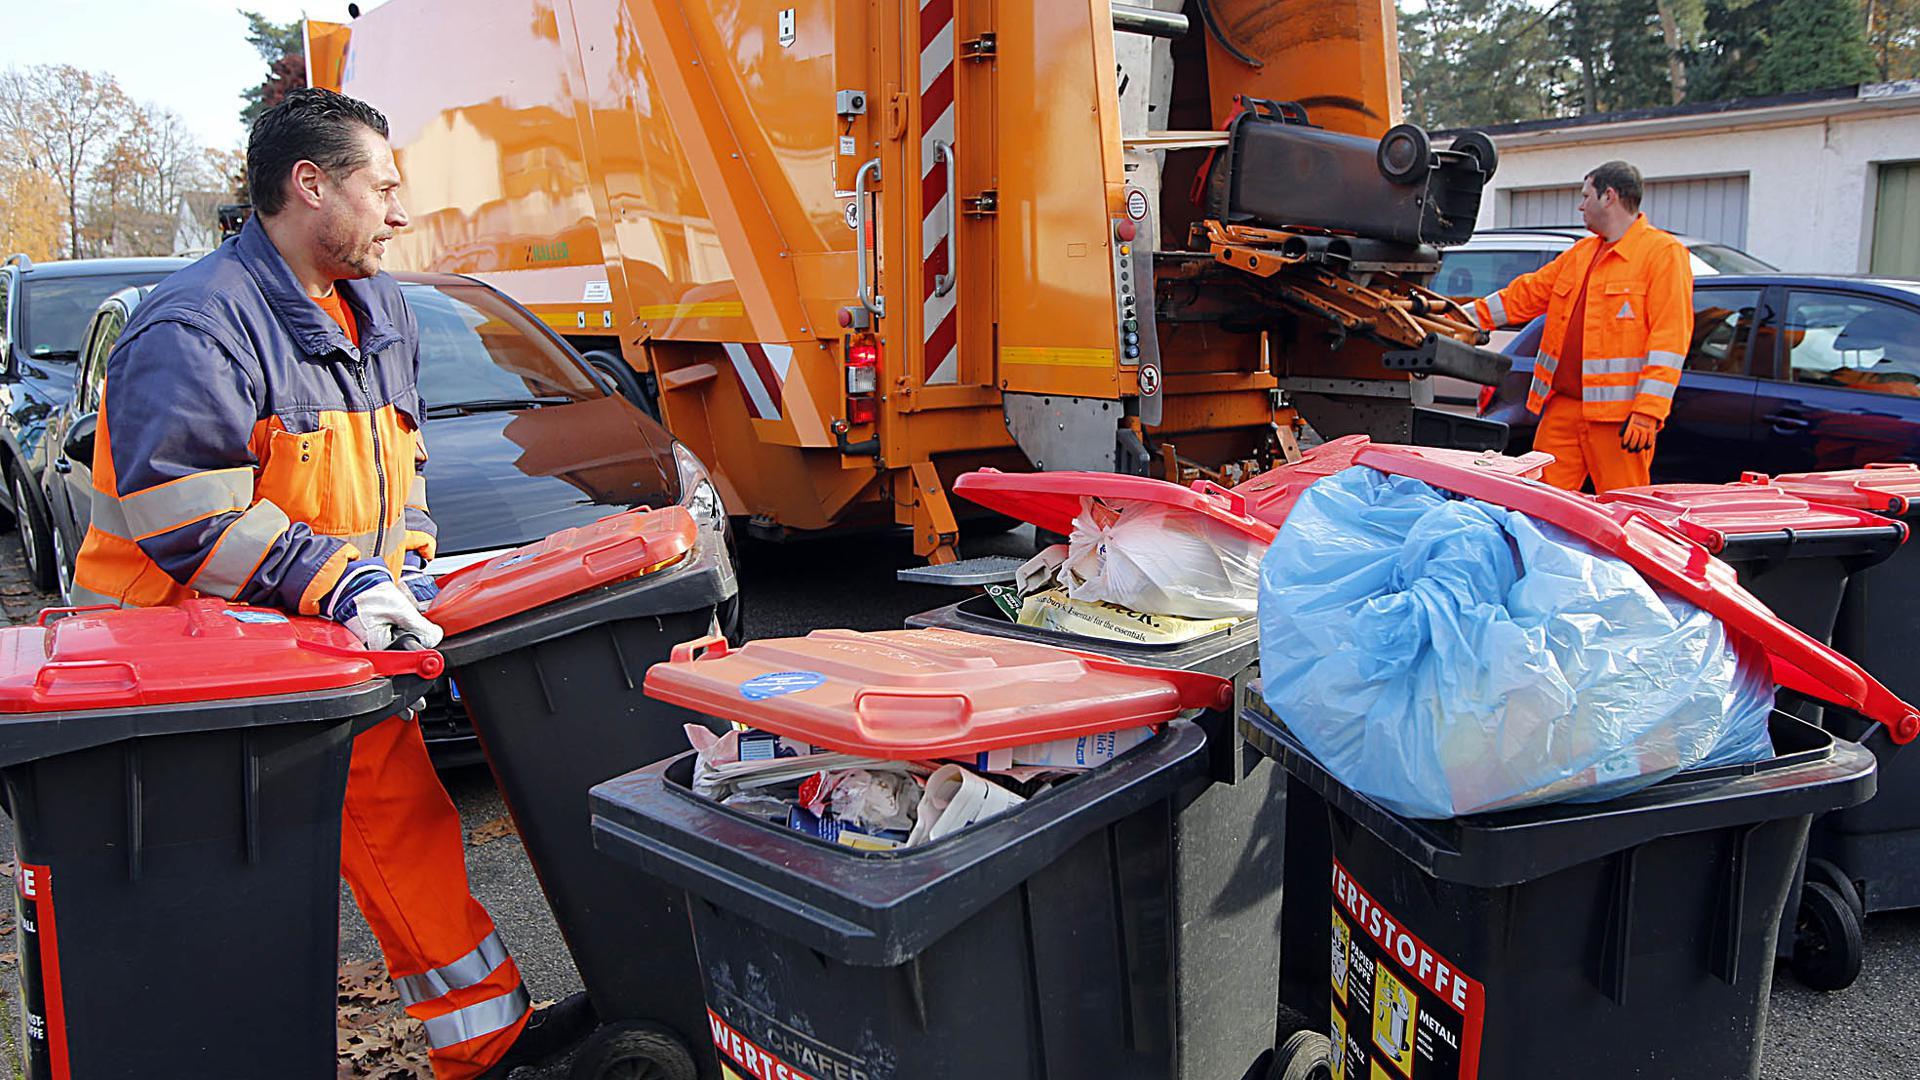 Karlsruher Müllabfuhr bei der Arbeit